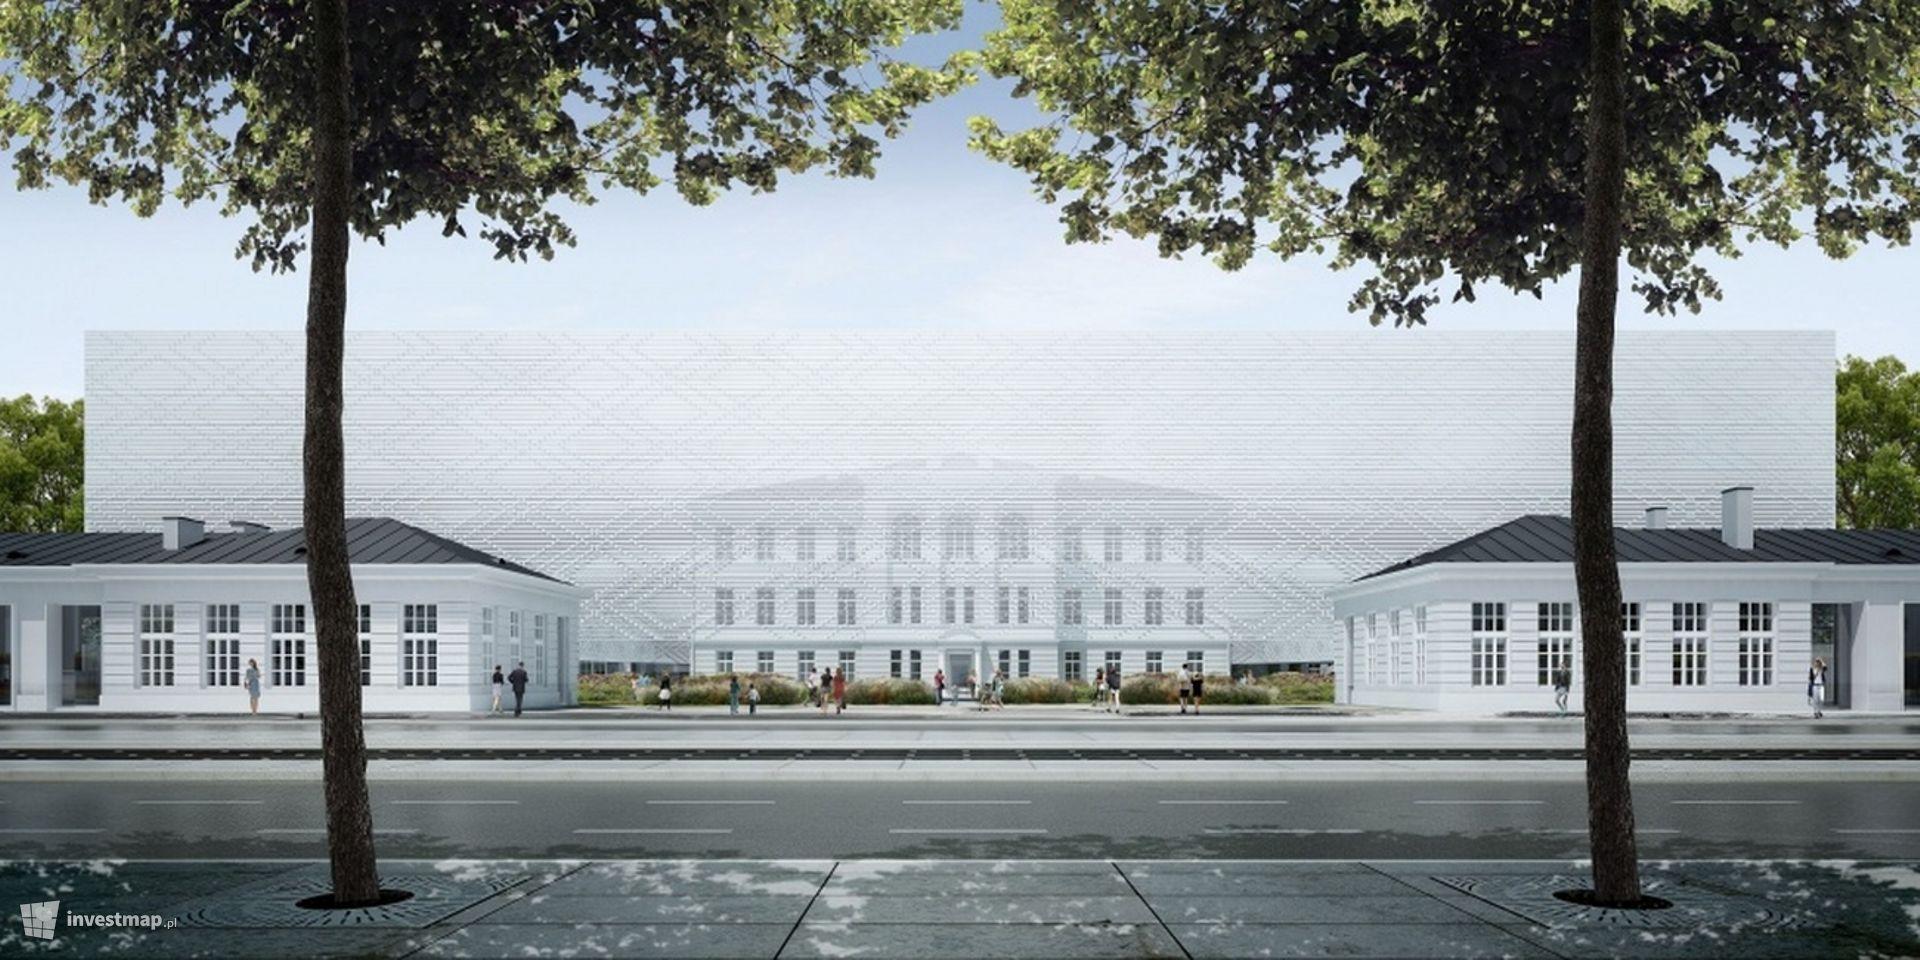 Sala koncertowa Sinfonia Varsovia Centrum